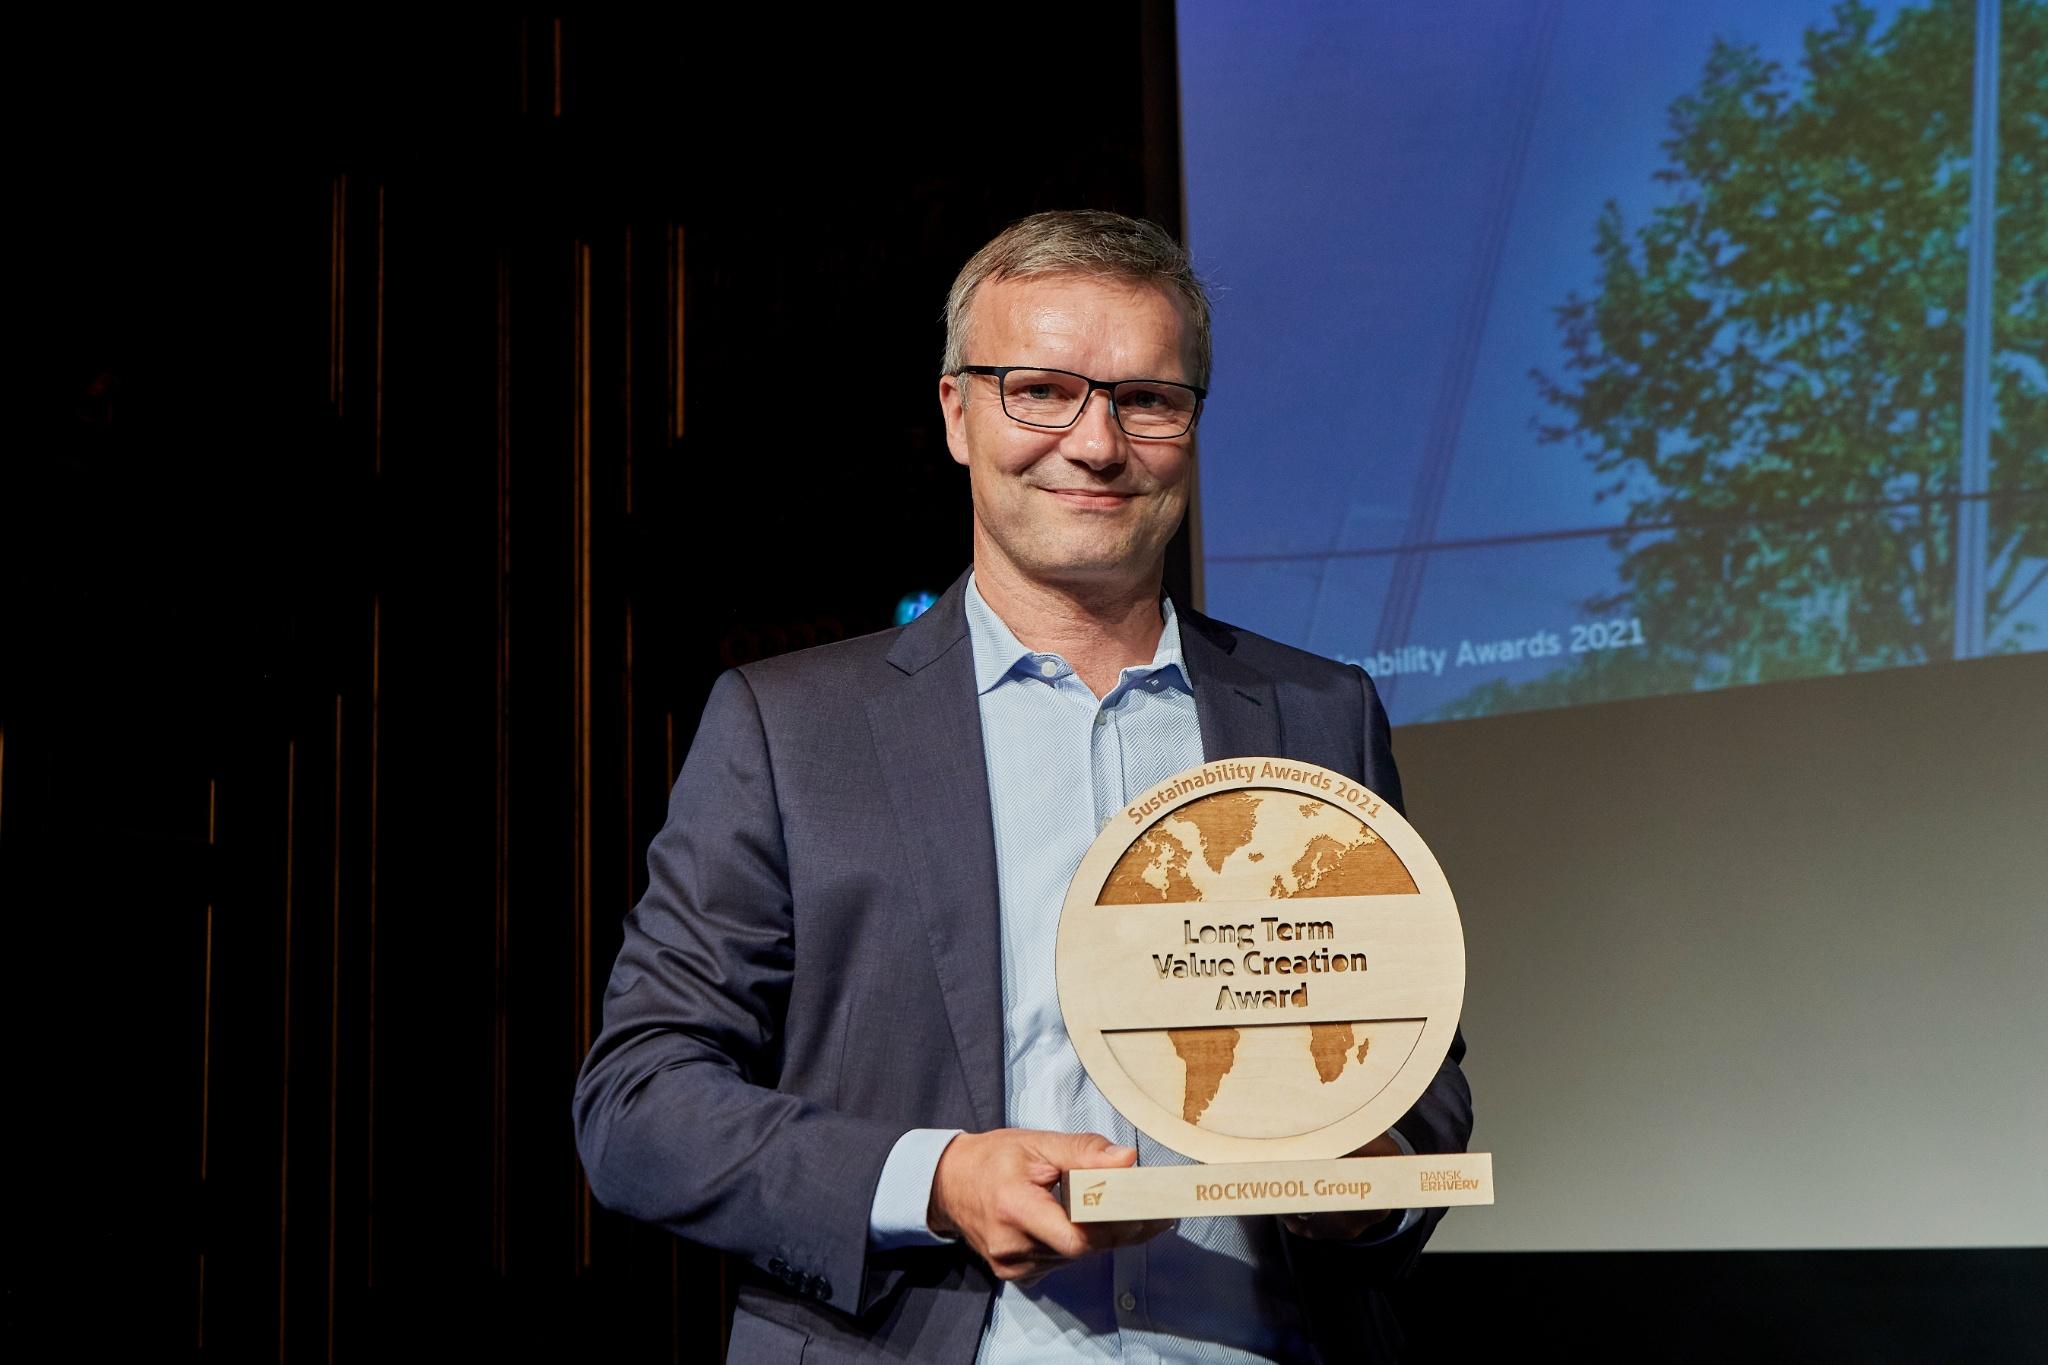 ROCKWOOL får bæredygtighedspris for at reducere byggebranchens klimapåvirkning